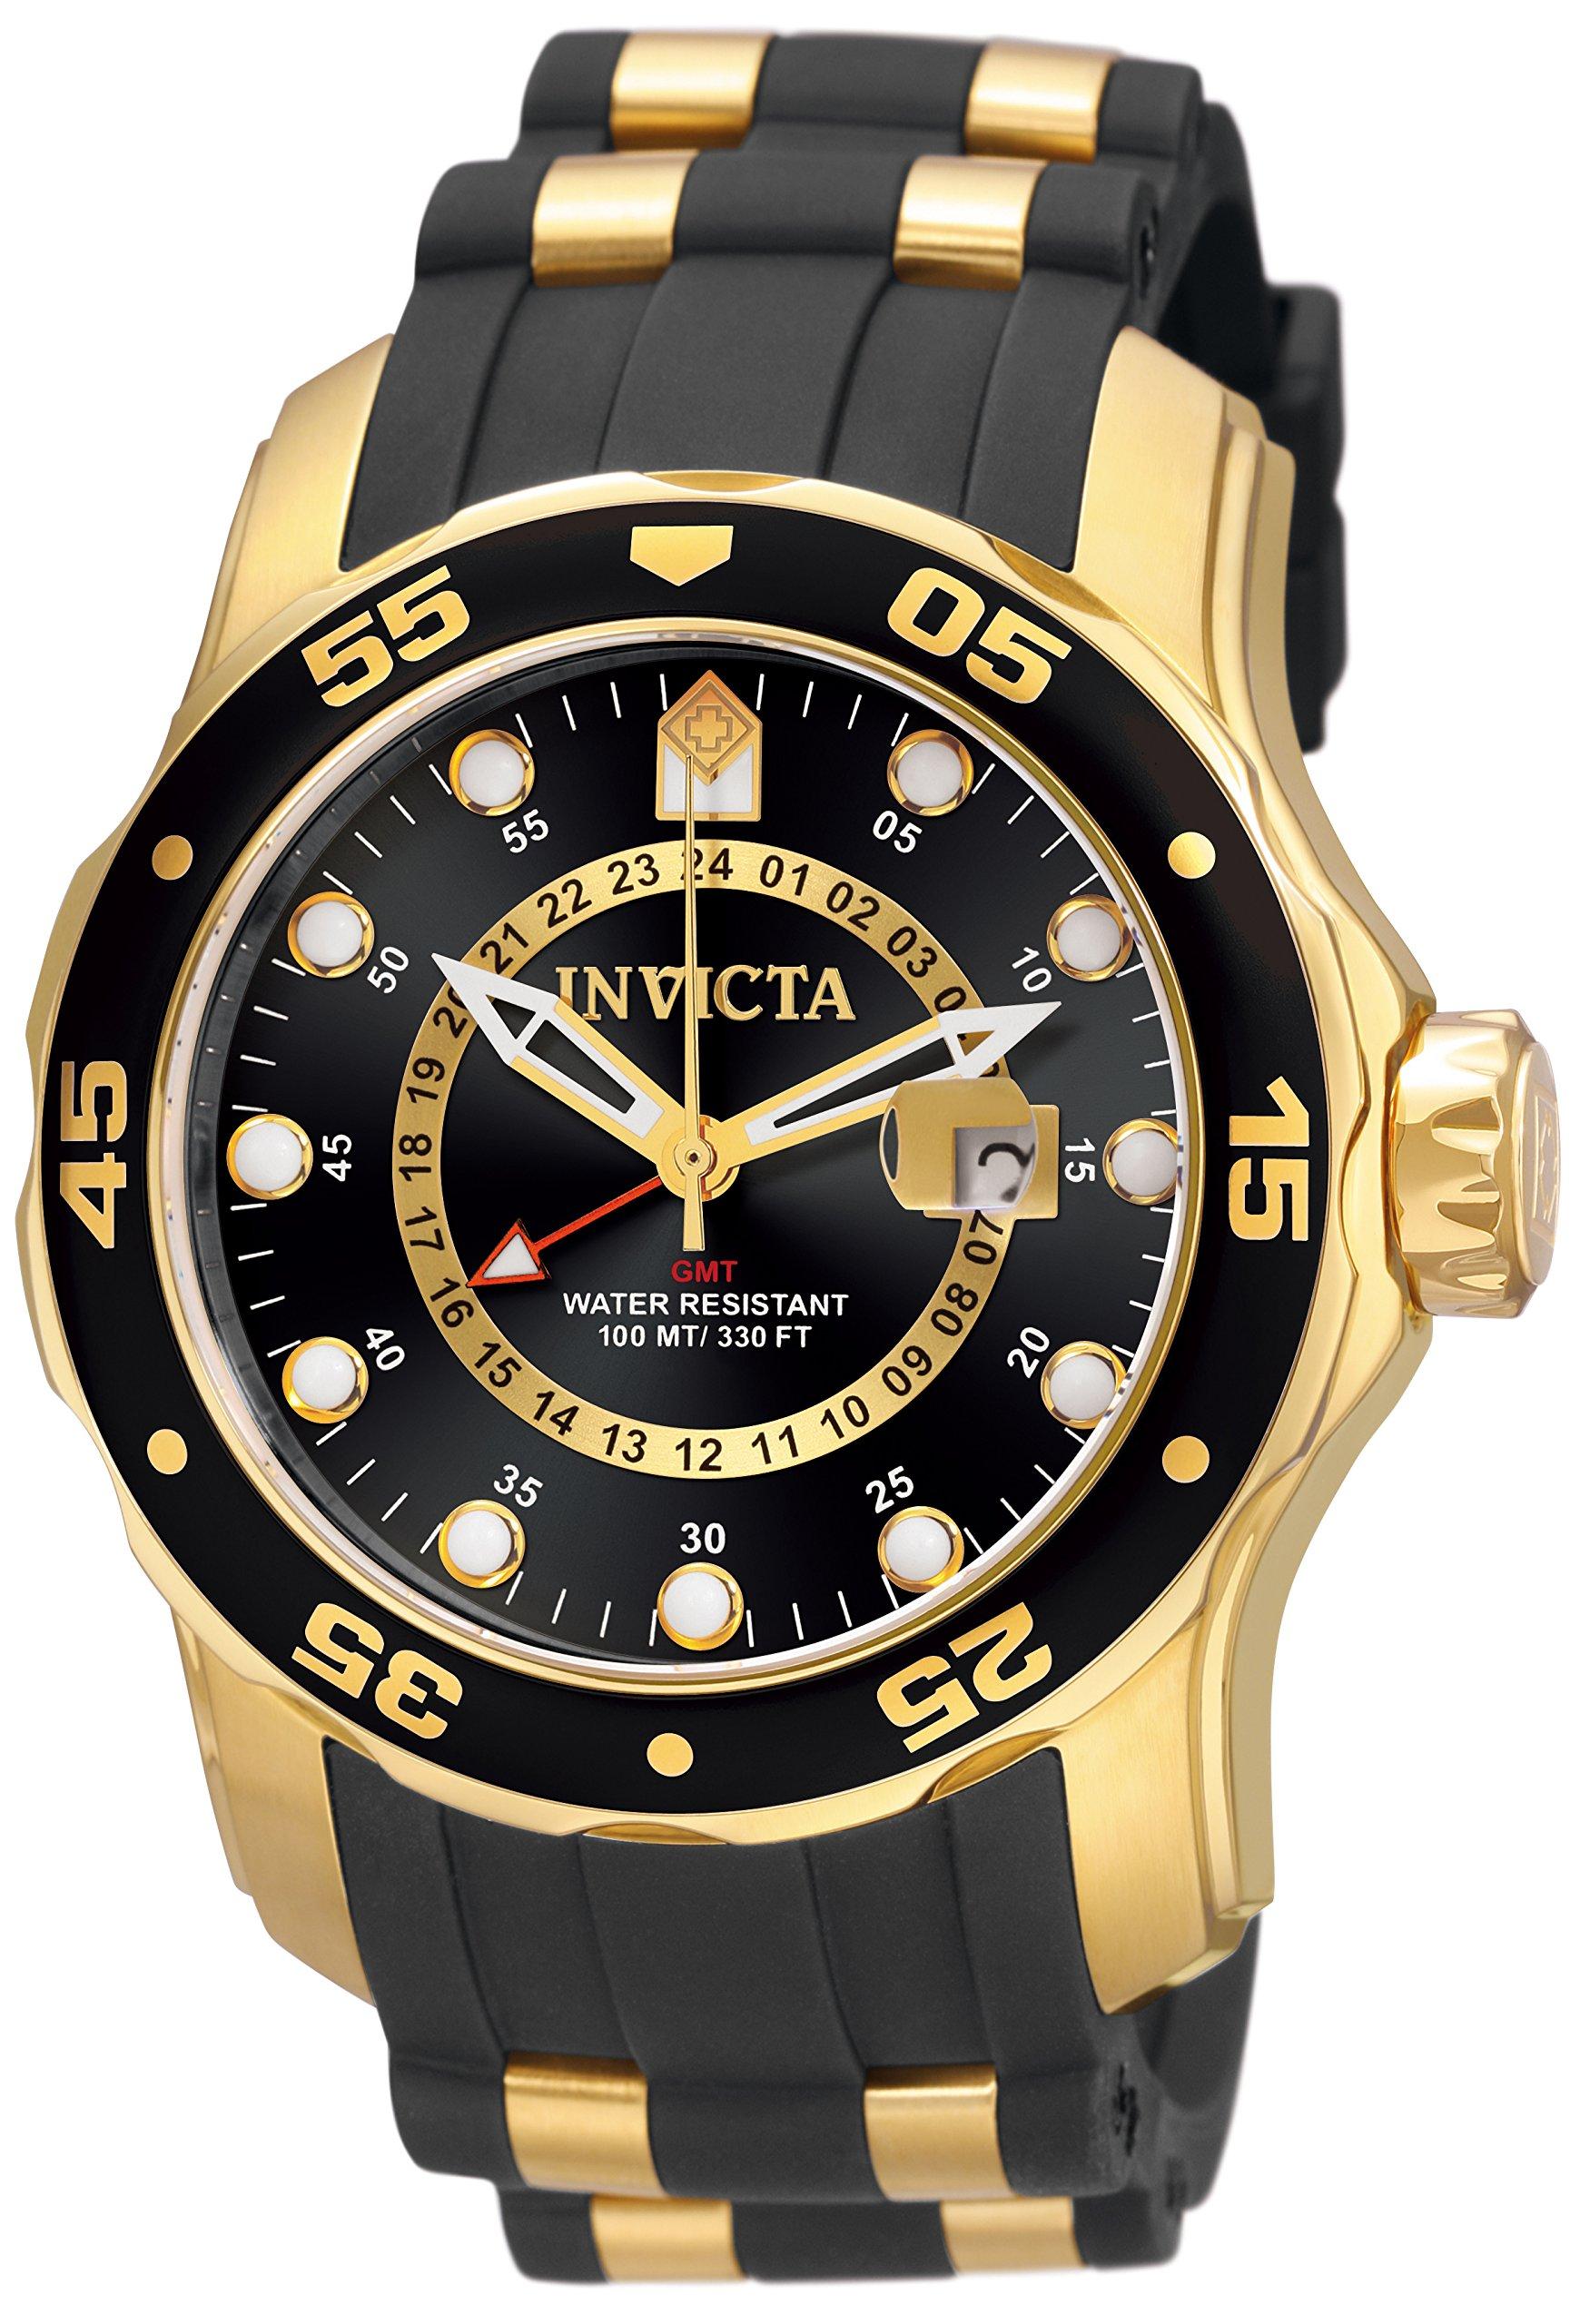 64b69cfe299 Invicta Men s 6991 Pro Diver - TiendaMIA.com